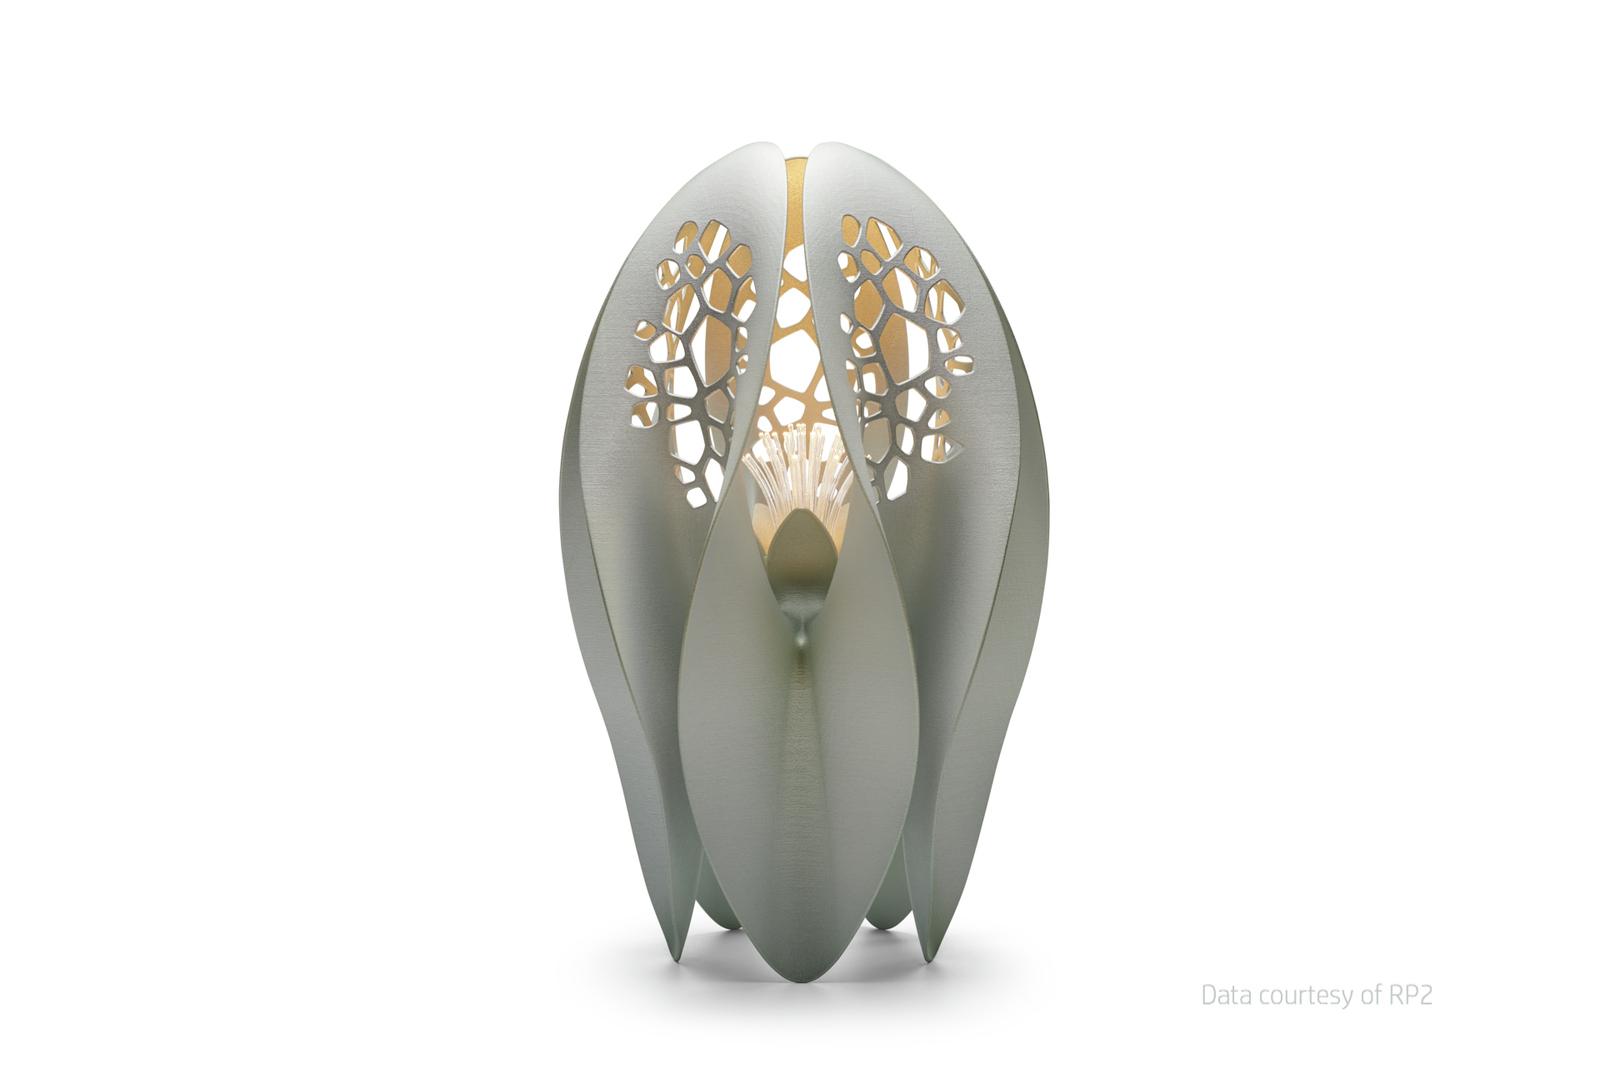 3D tulostettu lamppu.jpg